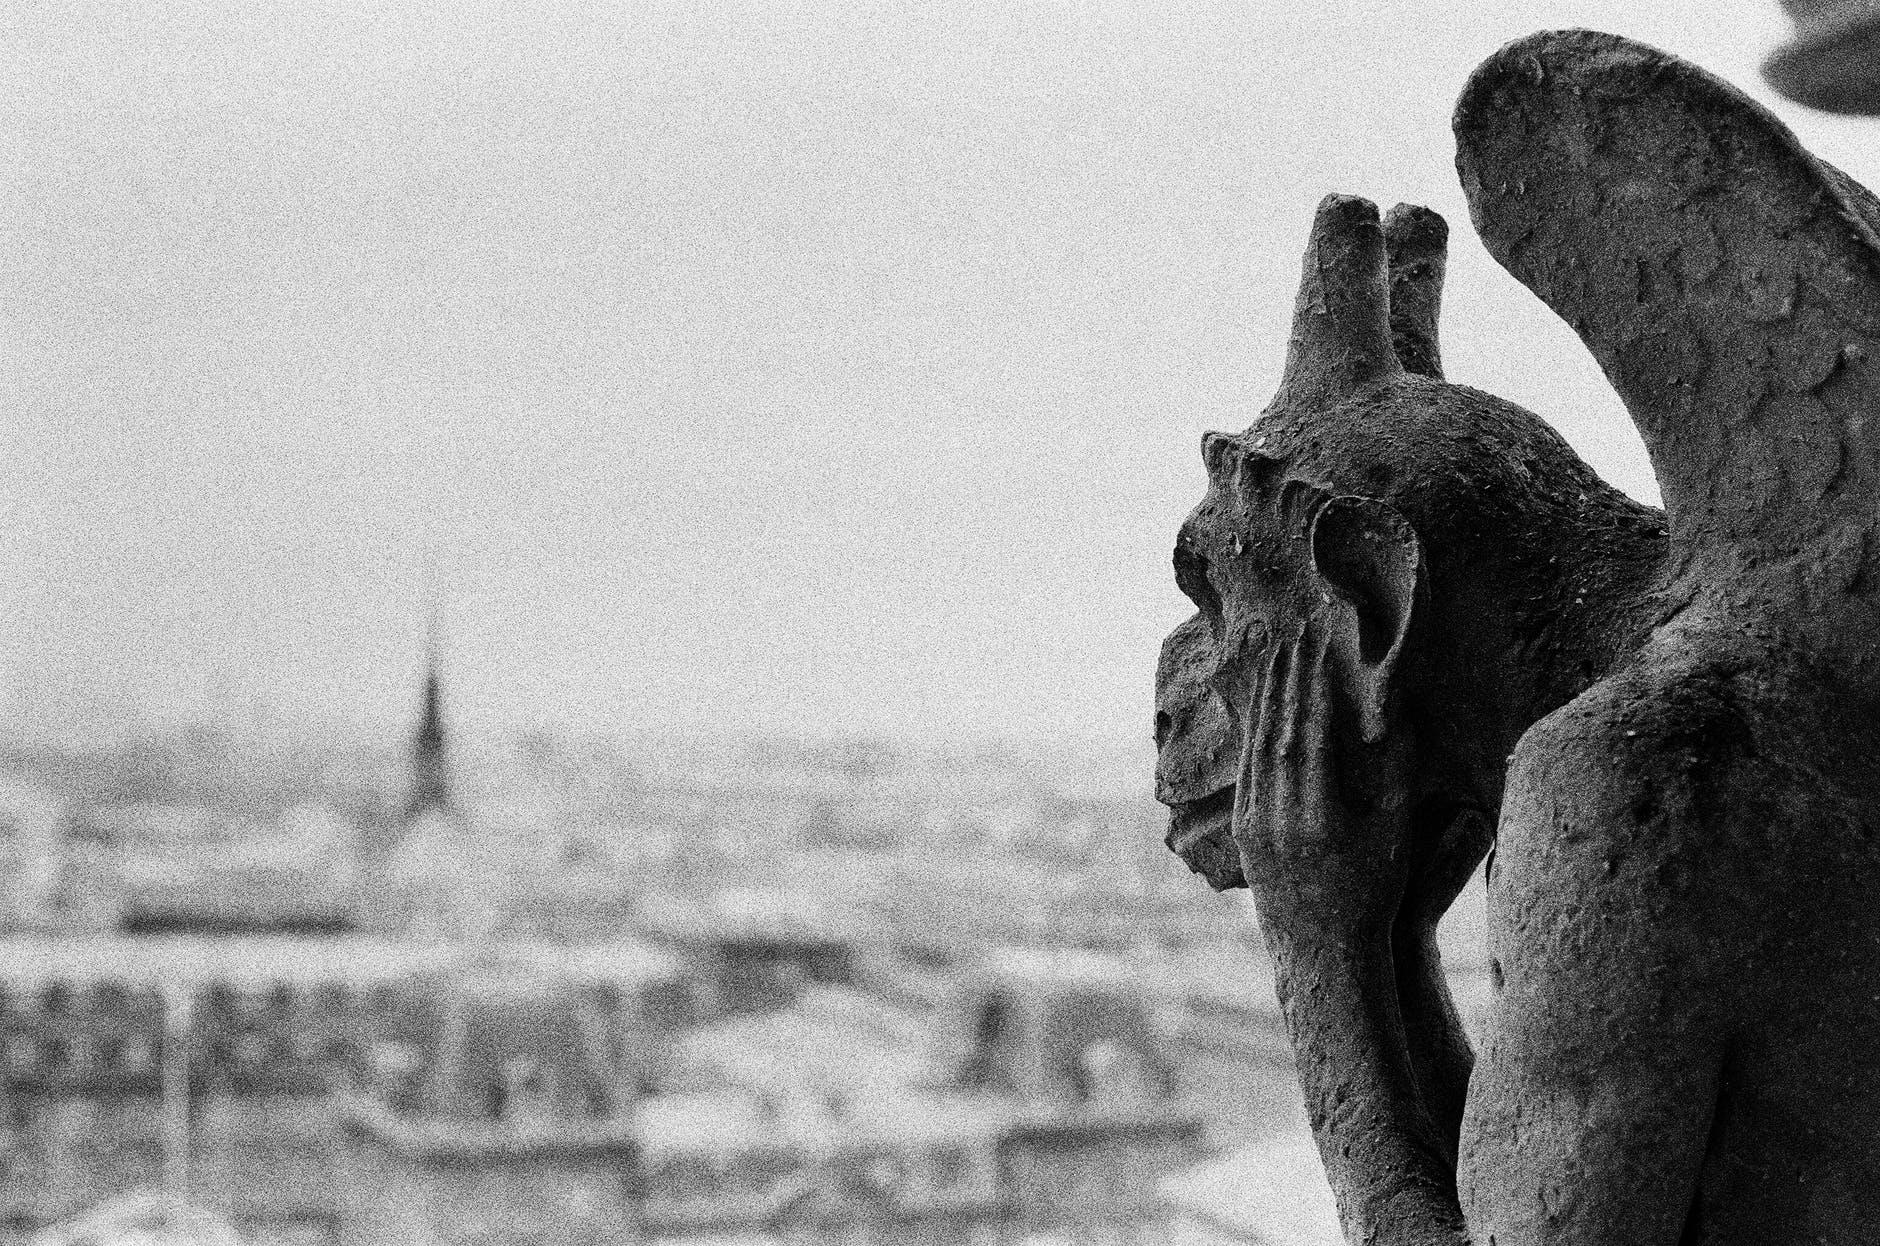 A gargoyle at Notre-Dame de Paris overlooking the Paris skyline.